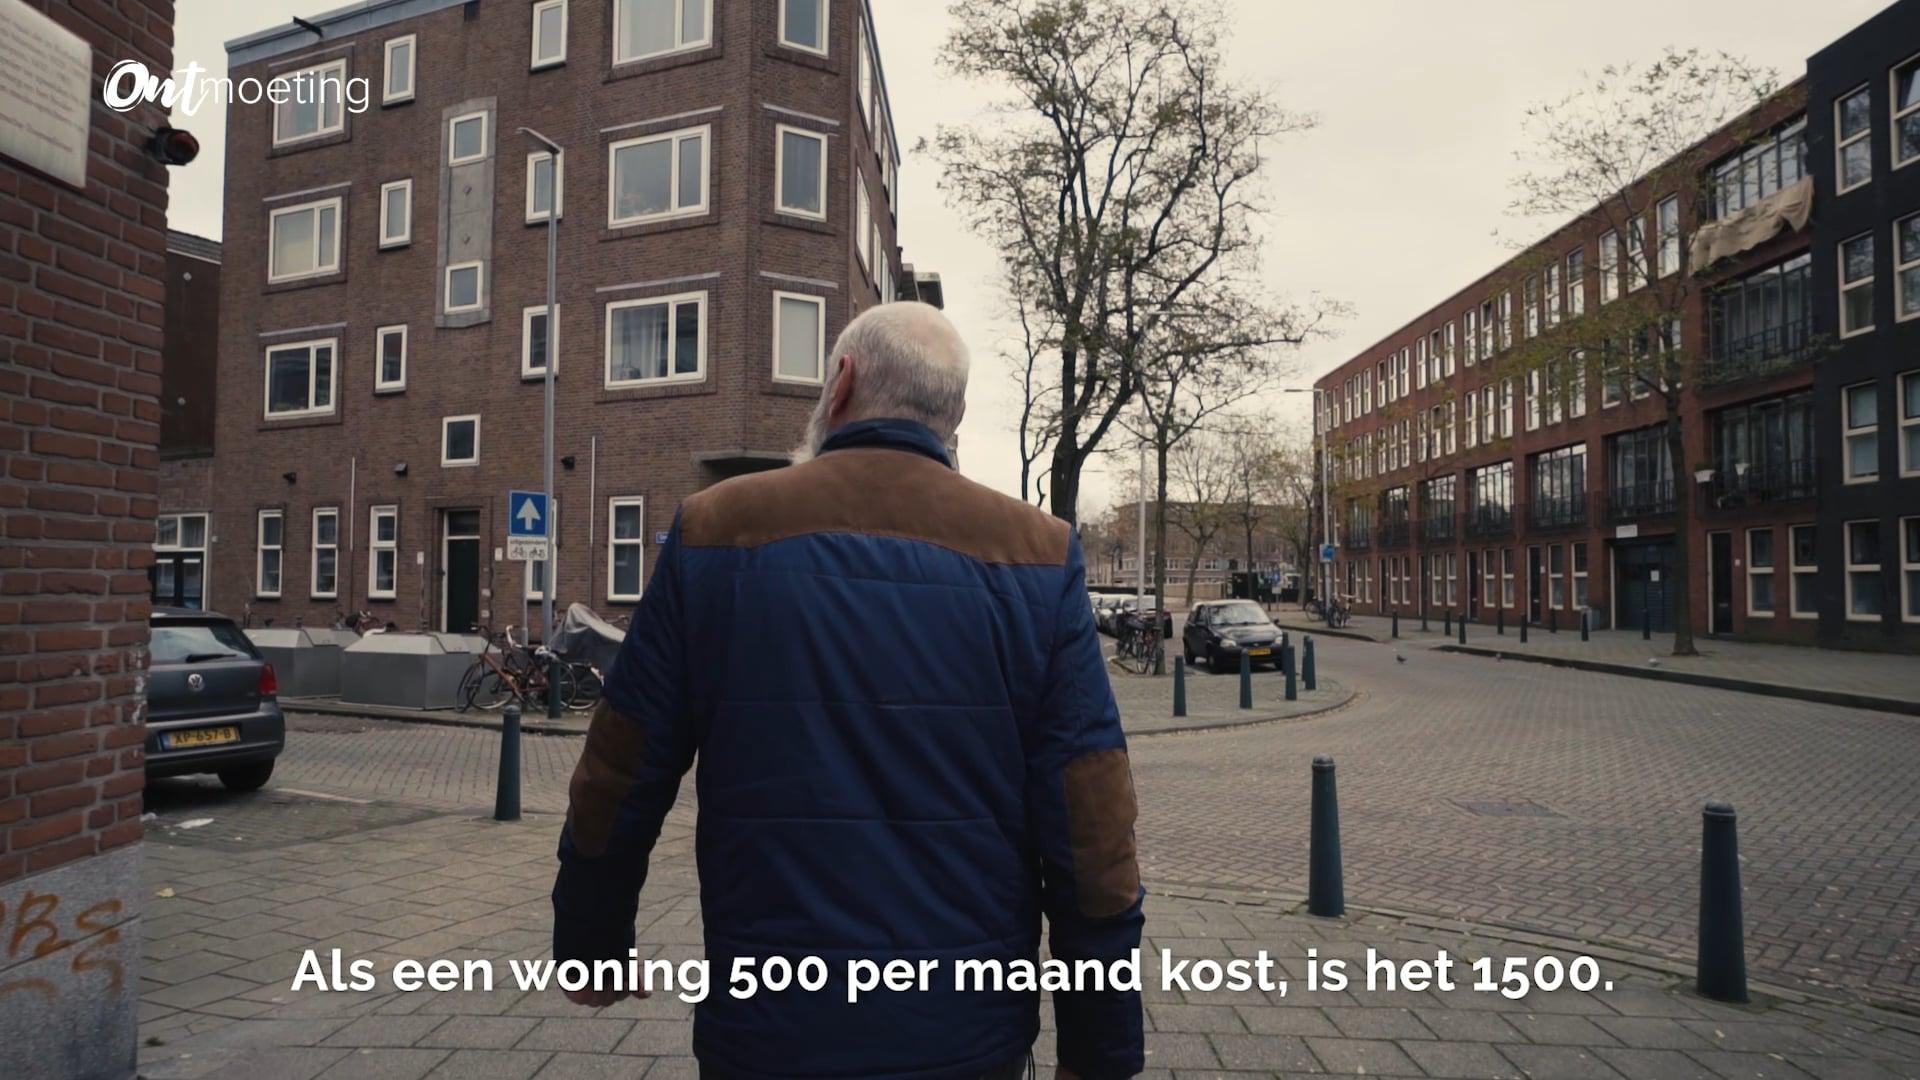 Ontmoeting - Pieter is van de straat